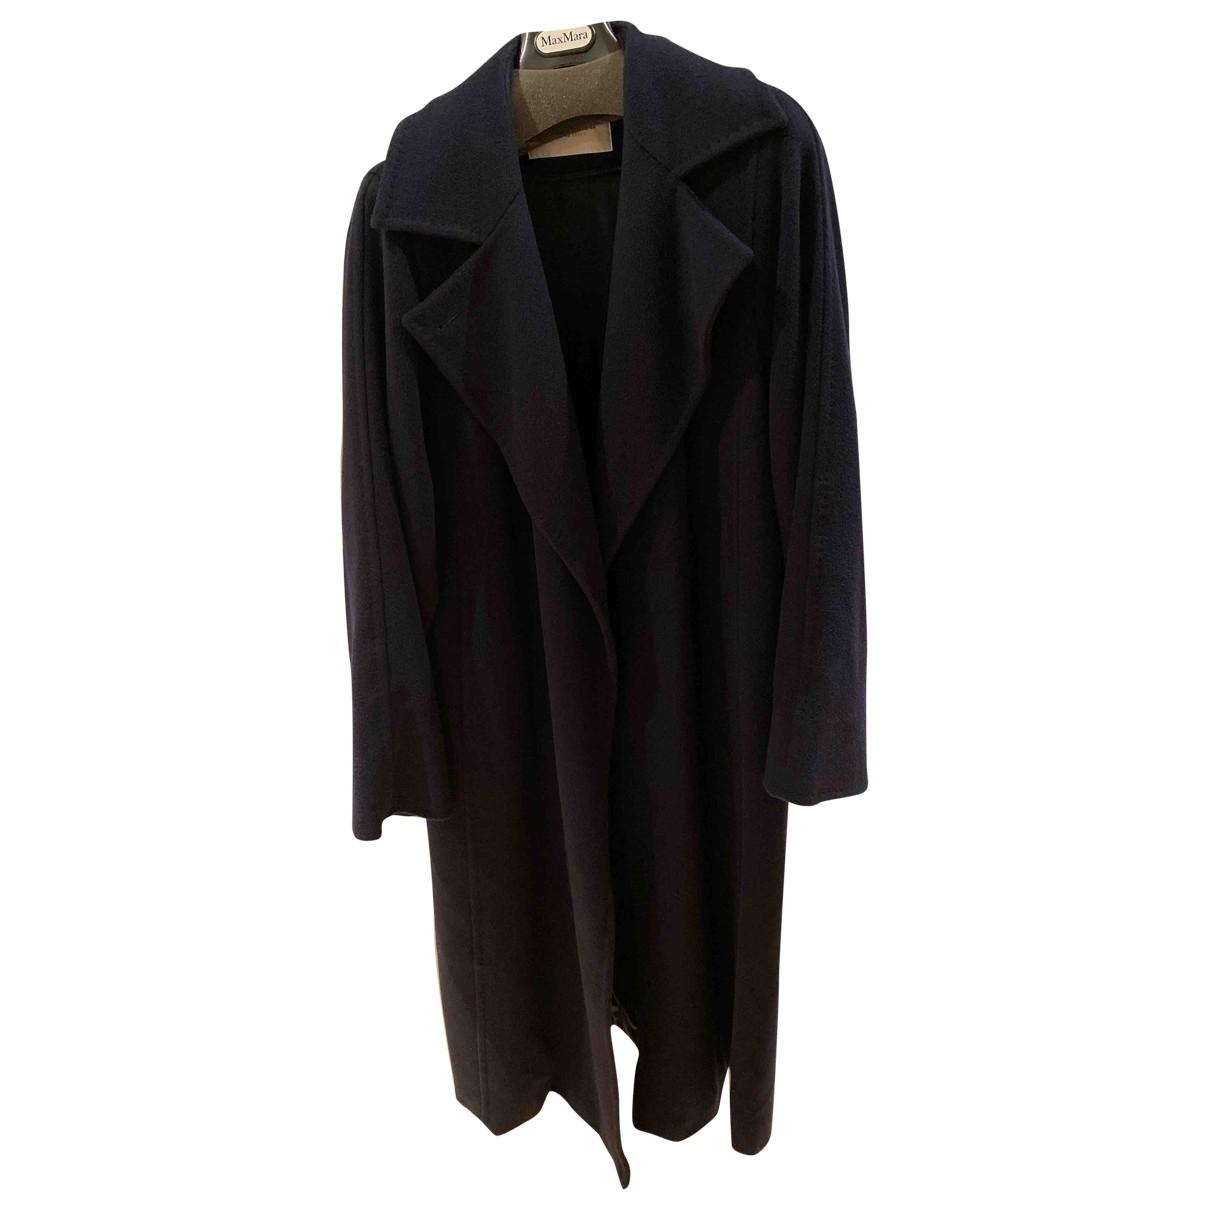 Max Mara Max Mara Atelier Blue Cashmere coat for Women 16 UK